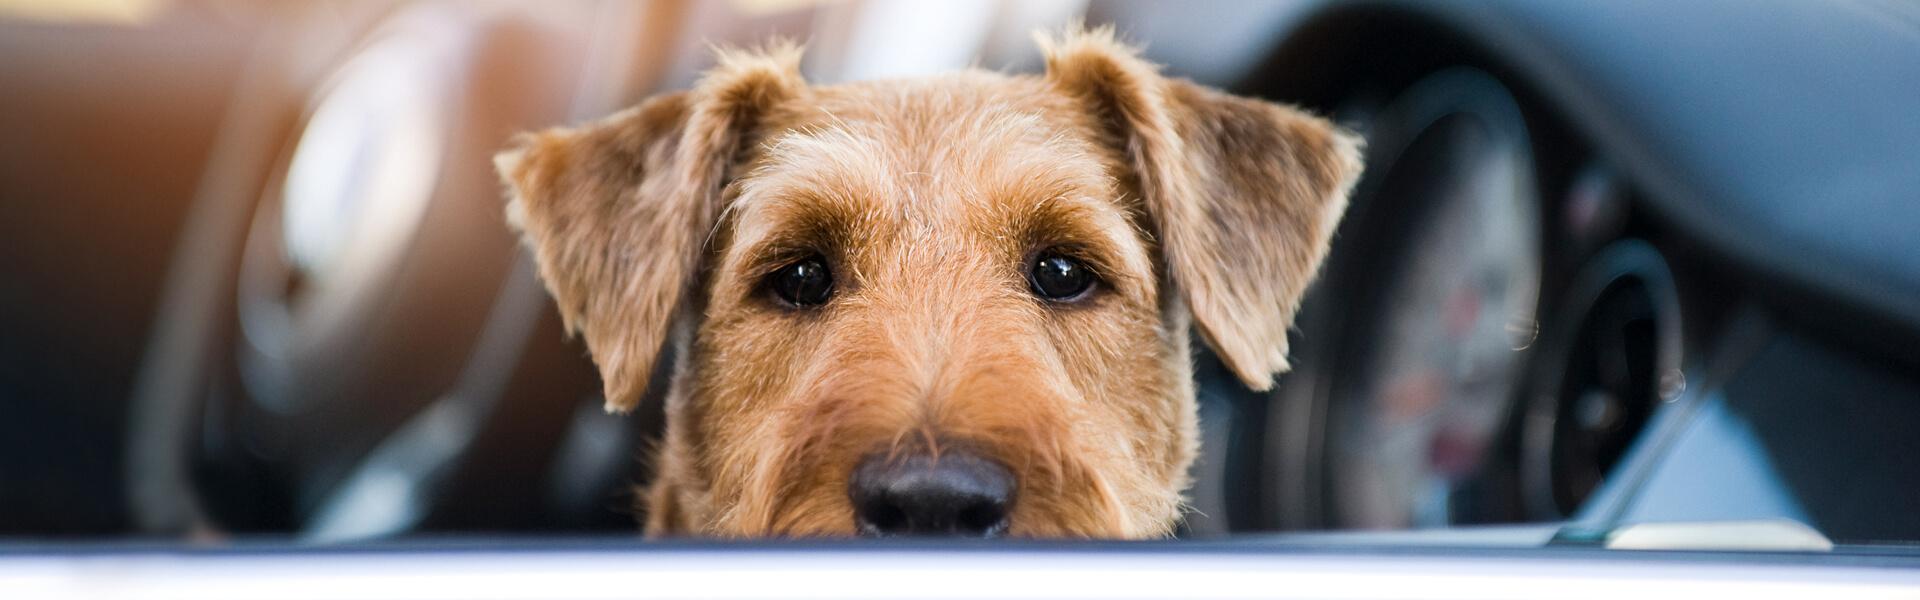 Ein Hund sitzt im Auto und schaut zum Autofenster heraus.